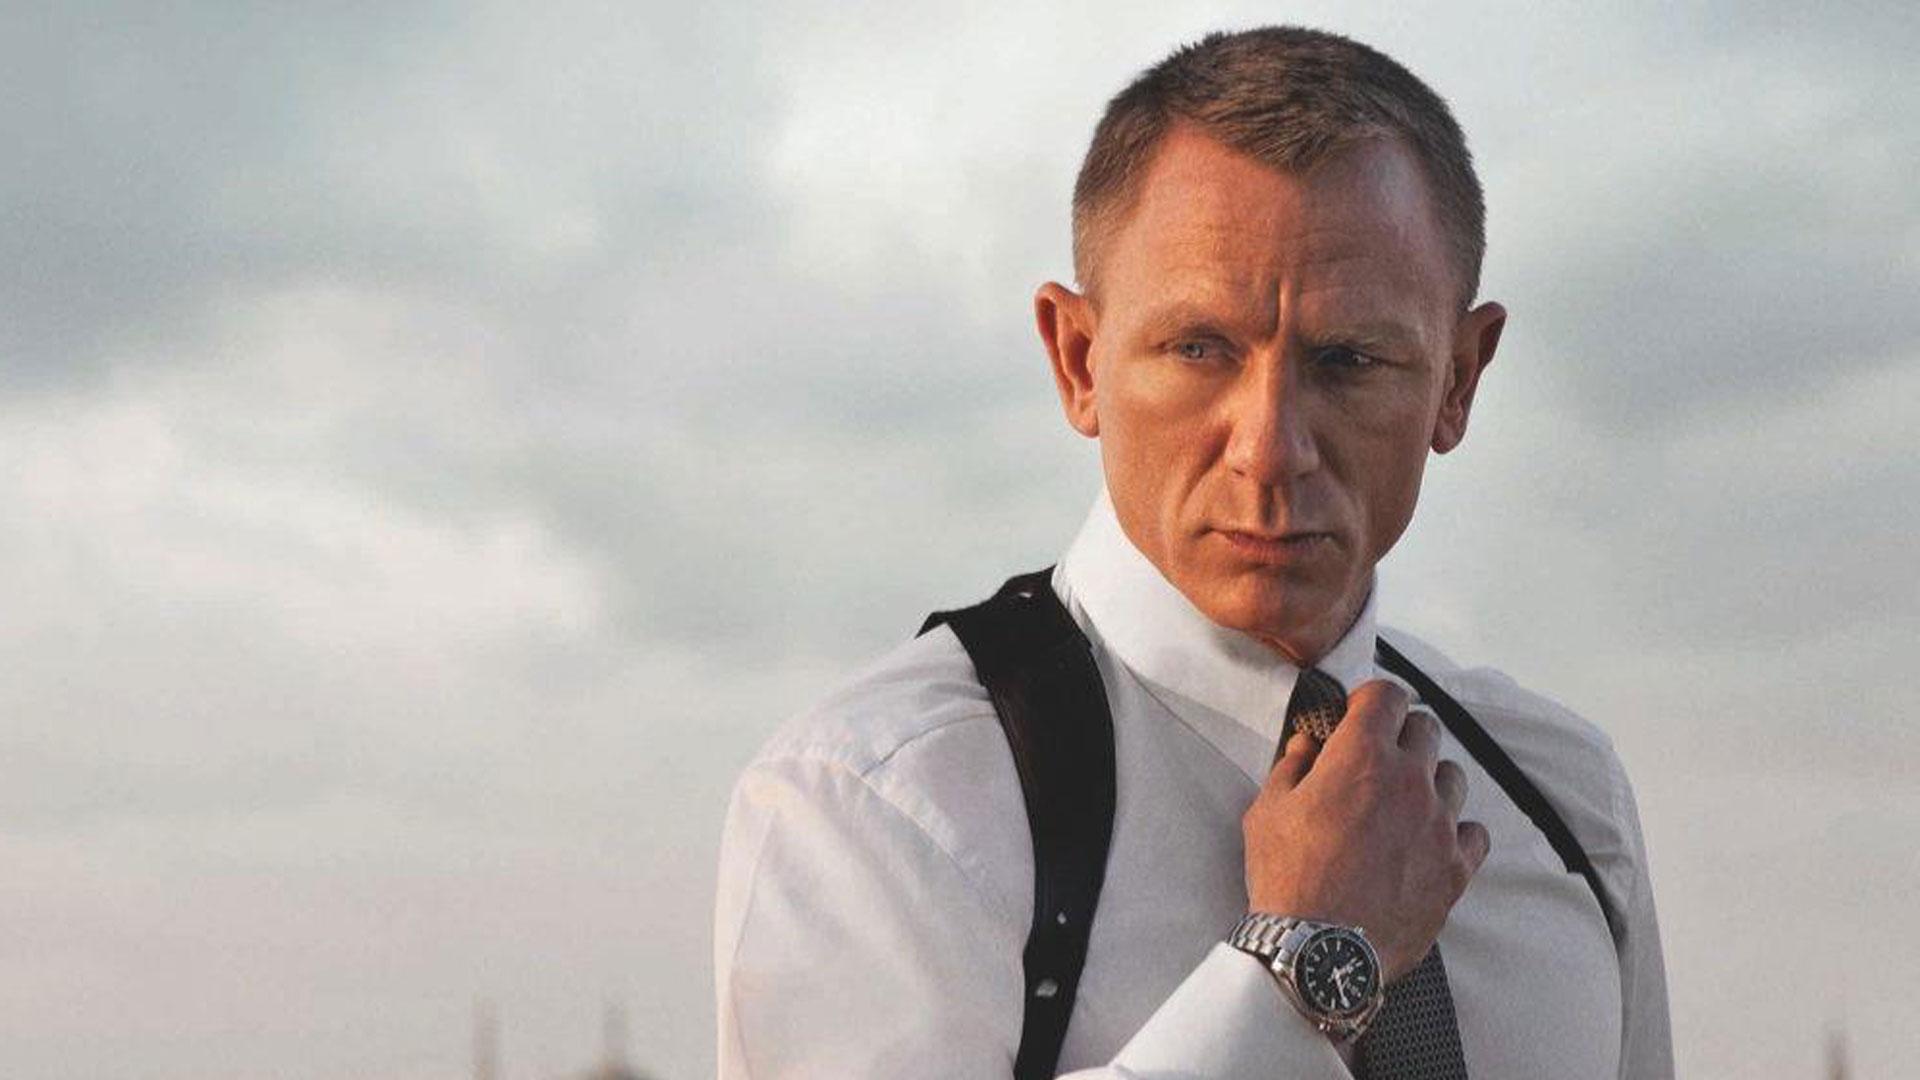 Primer teaser oficial de lo nuevo de James Bond - Radio Cantilo